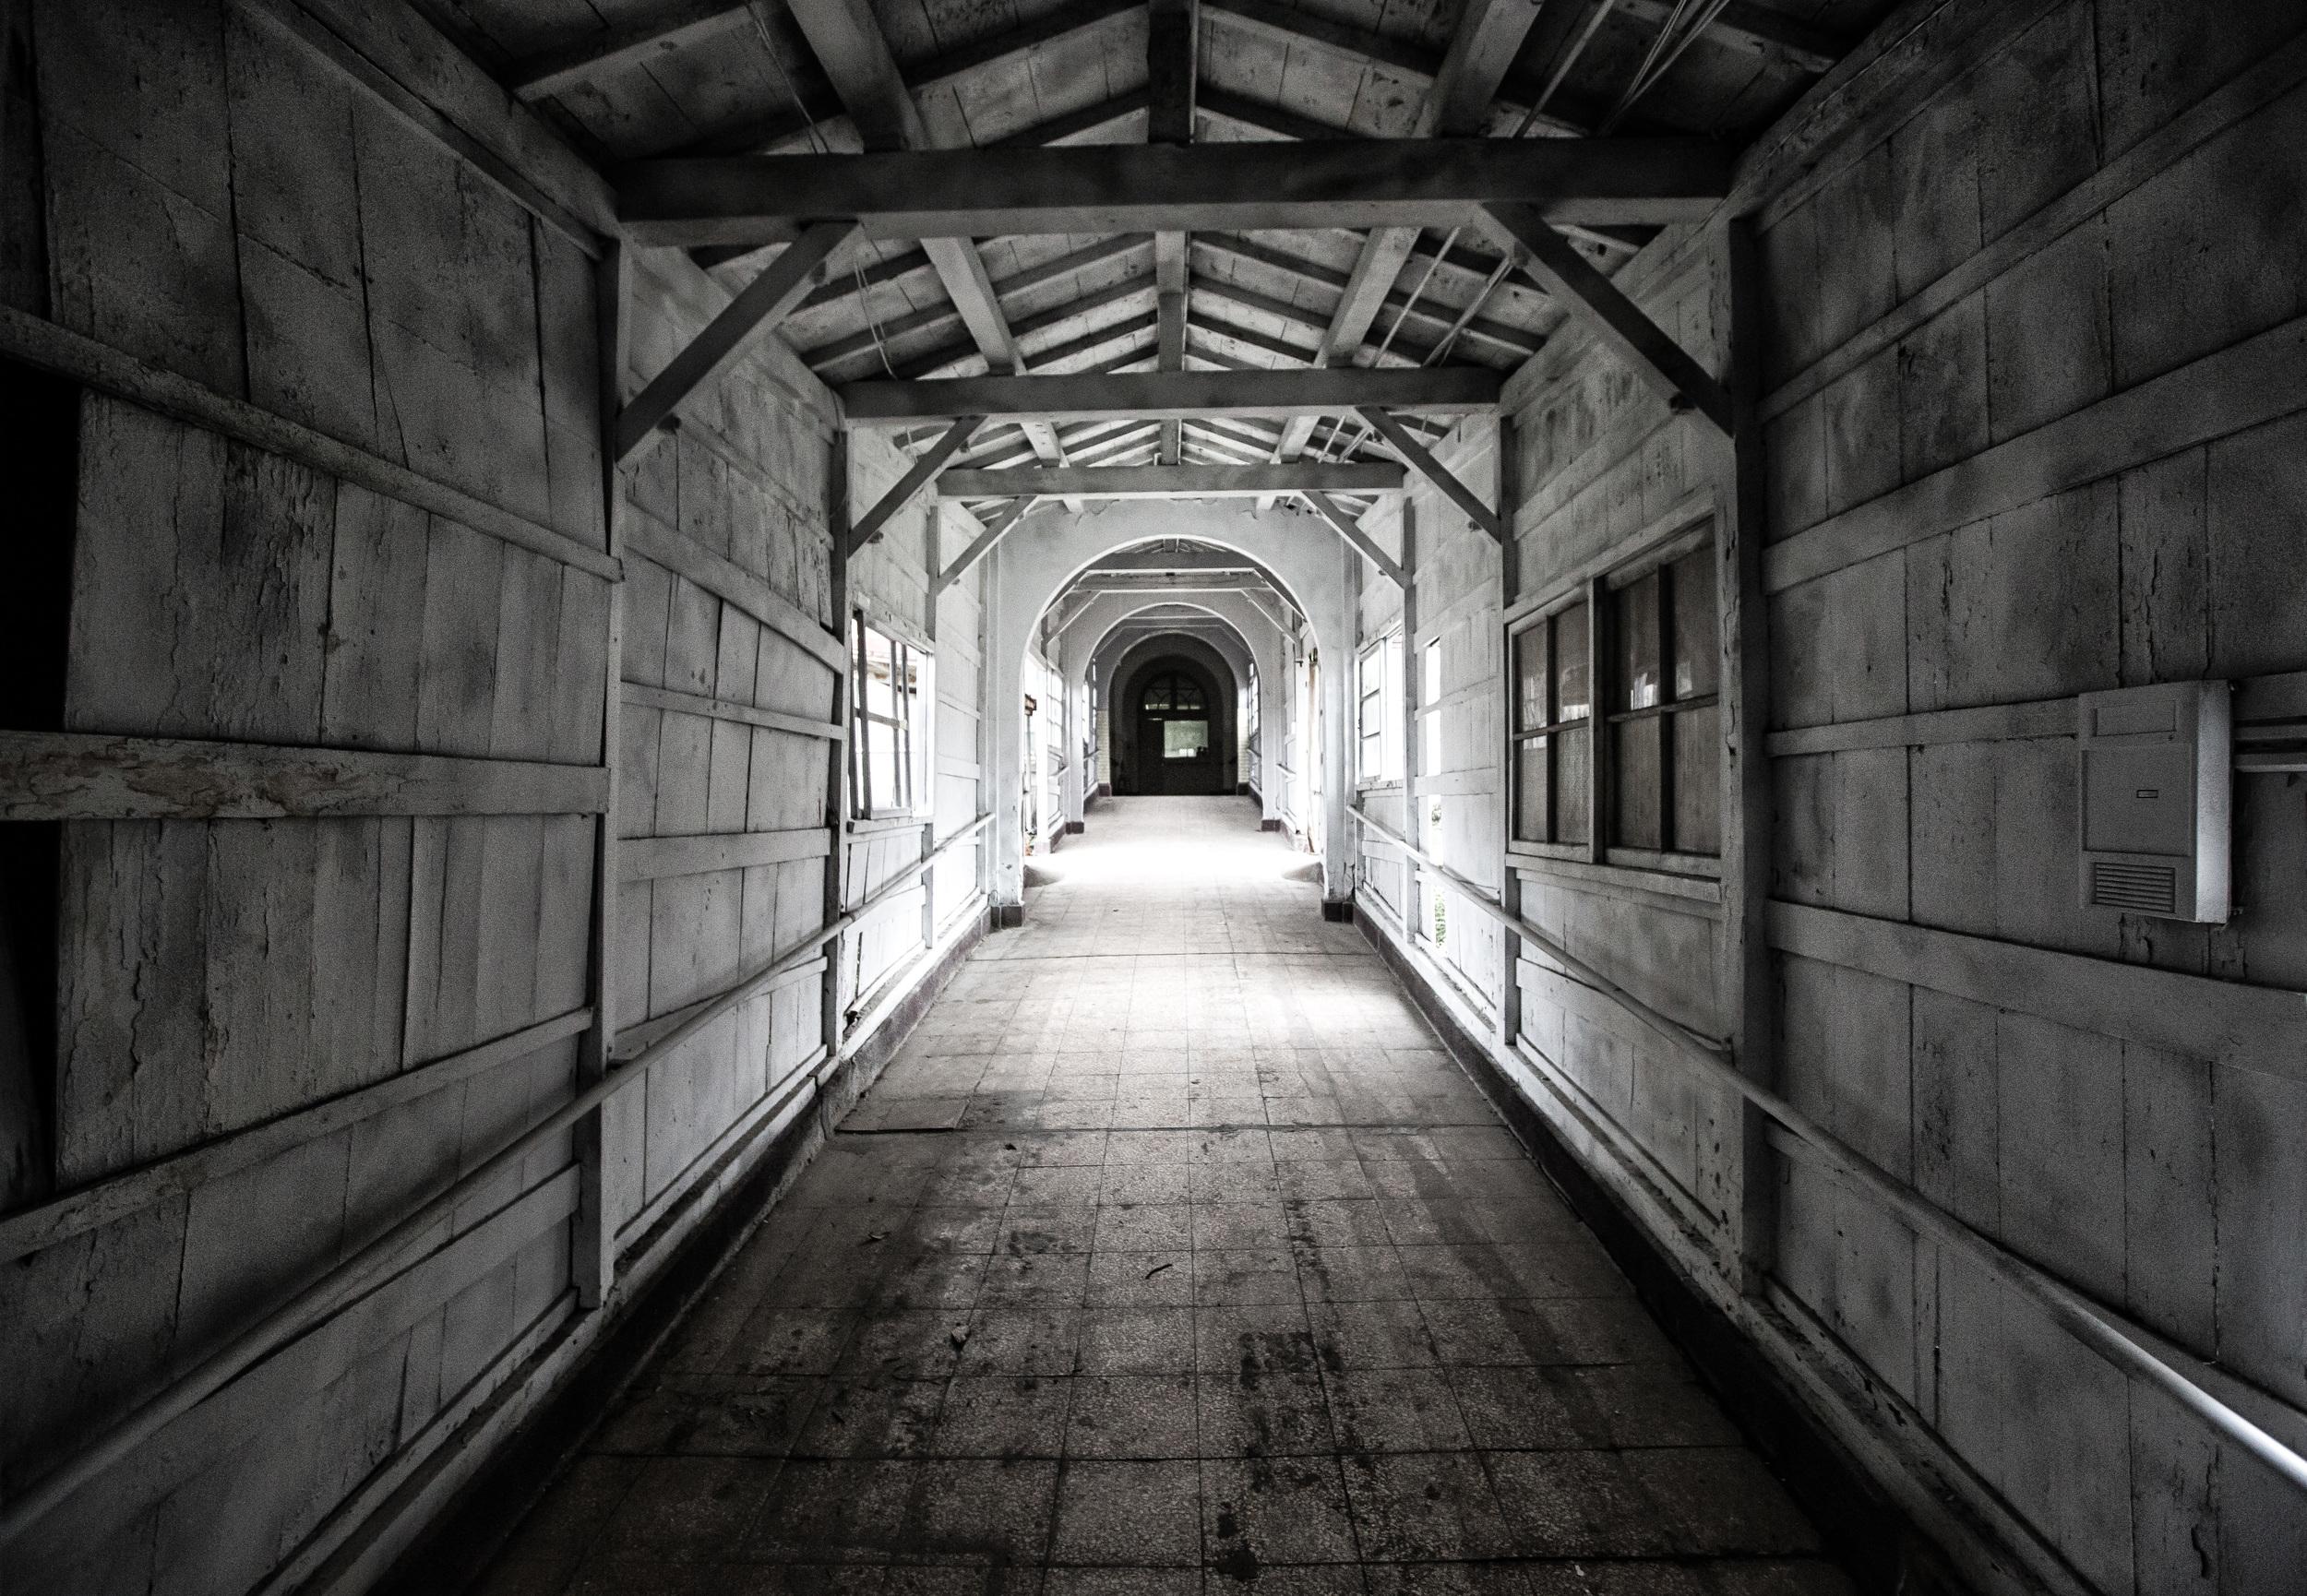 Hallway between different departments.